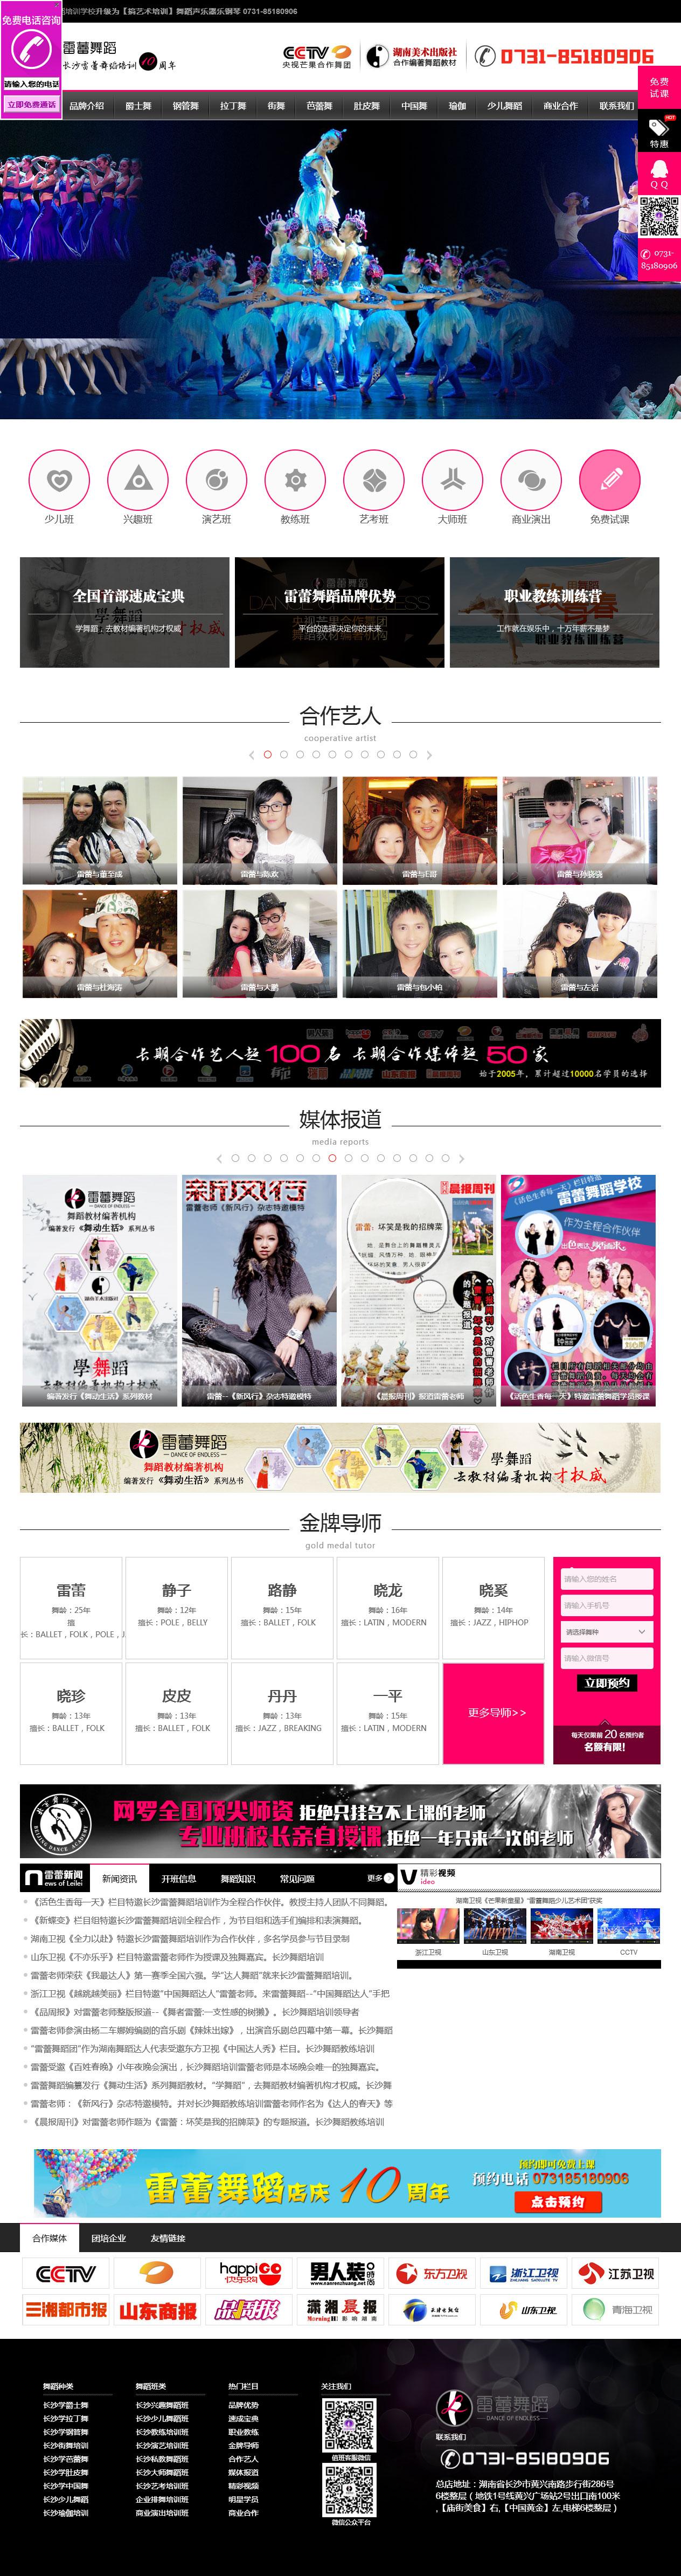 雷蕾舞蹈营销型亚博体育app下载安卓版建设